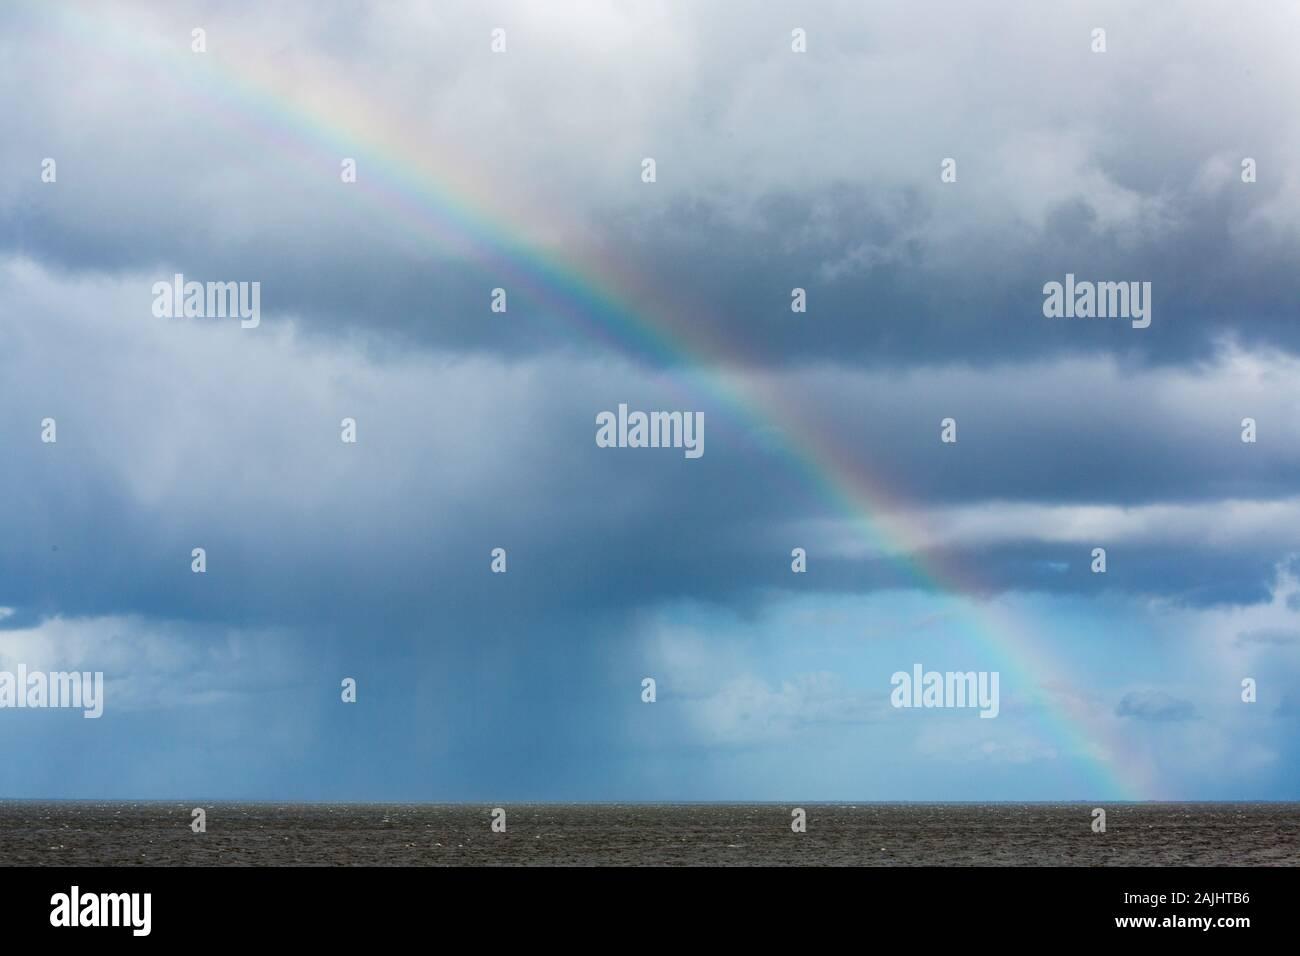 Regenbogen, Regenwolken, Himmel, Wattenmeer, Keitum, Sylt Foto de stock